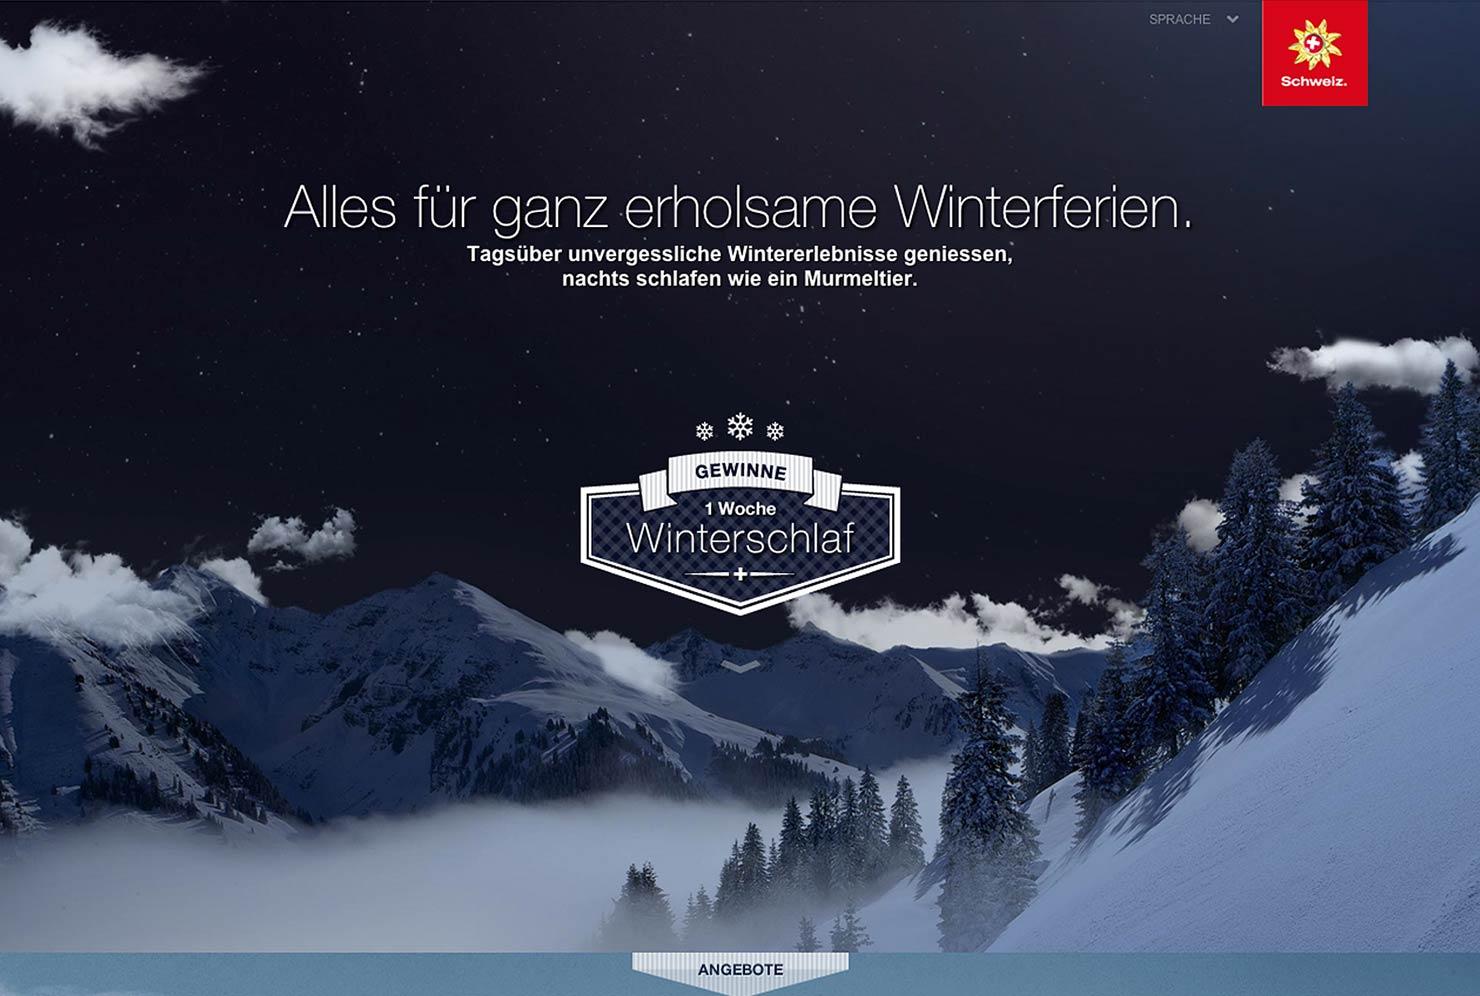 Winterschlaf Online Kampagne slide 4